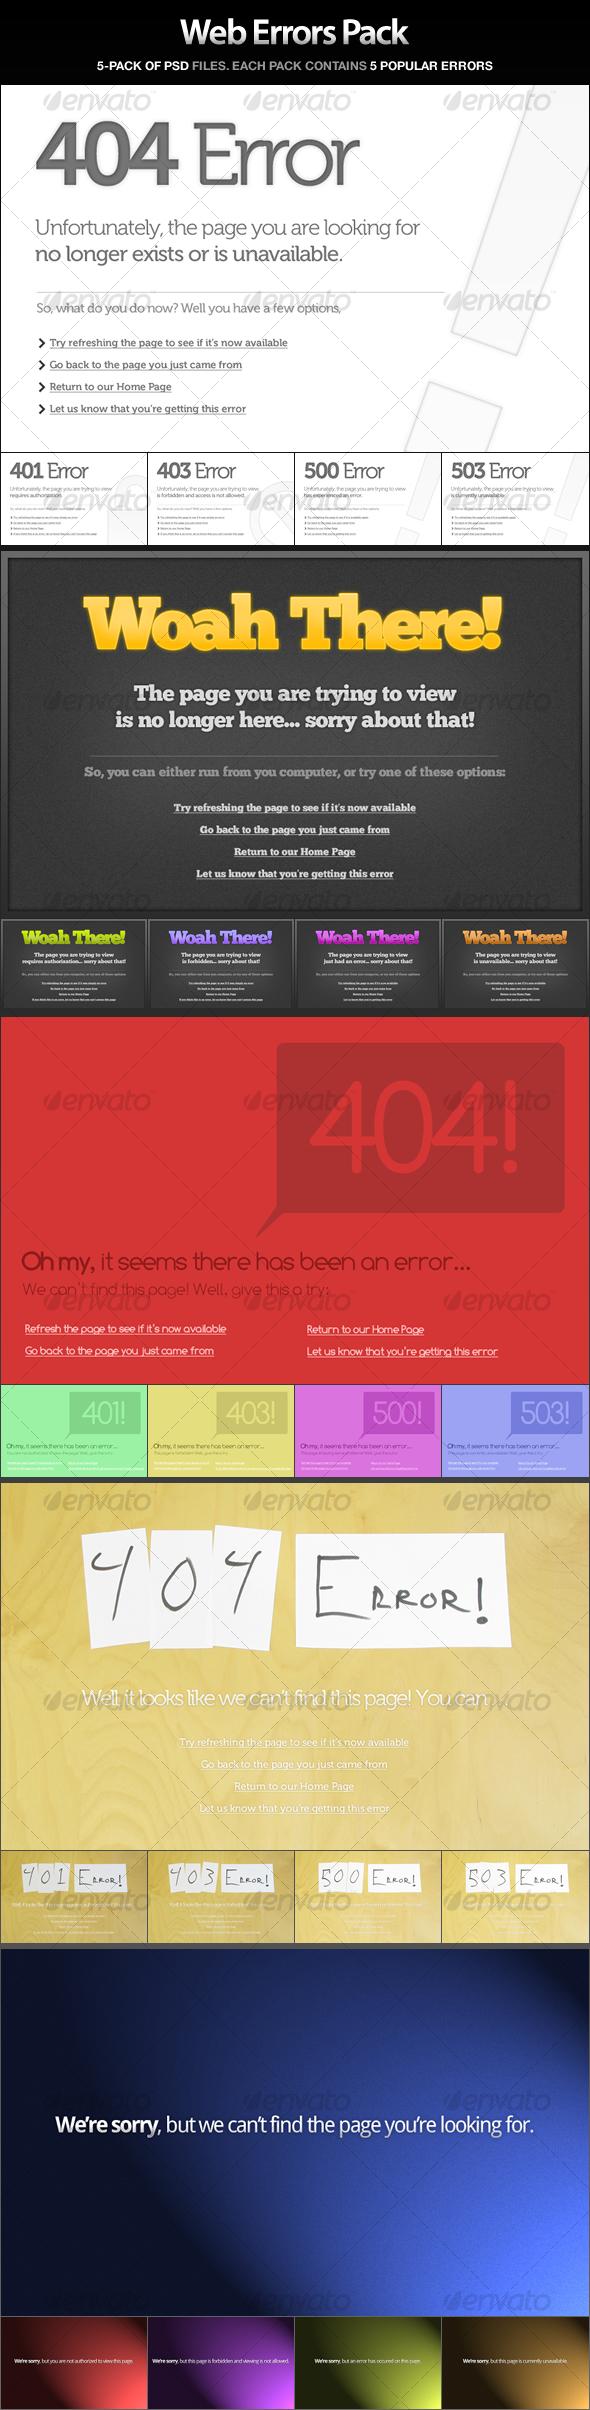 Web Errors Pack - 404, 401, 403, 500, 503 - Web Elements